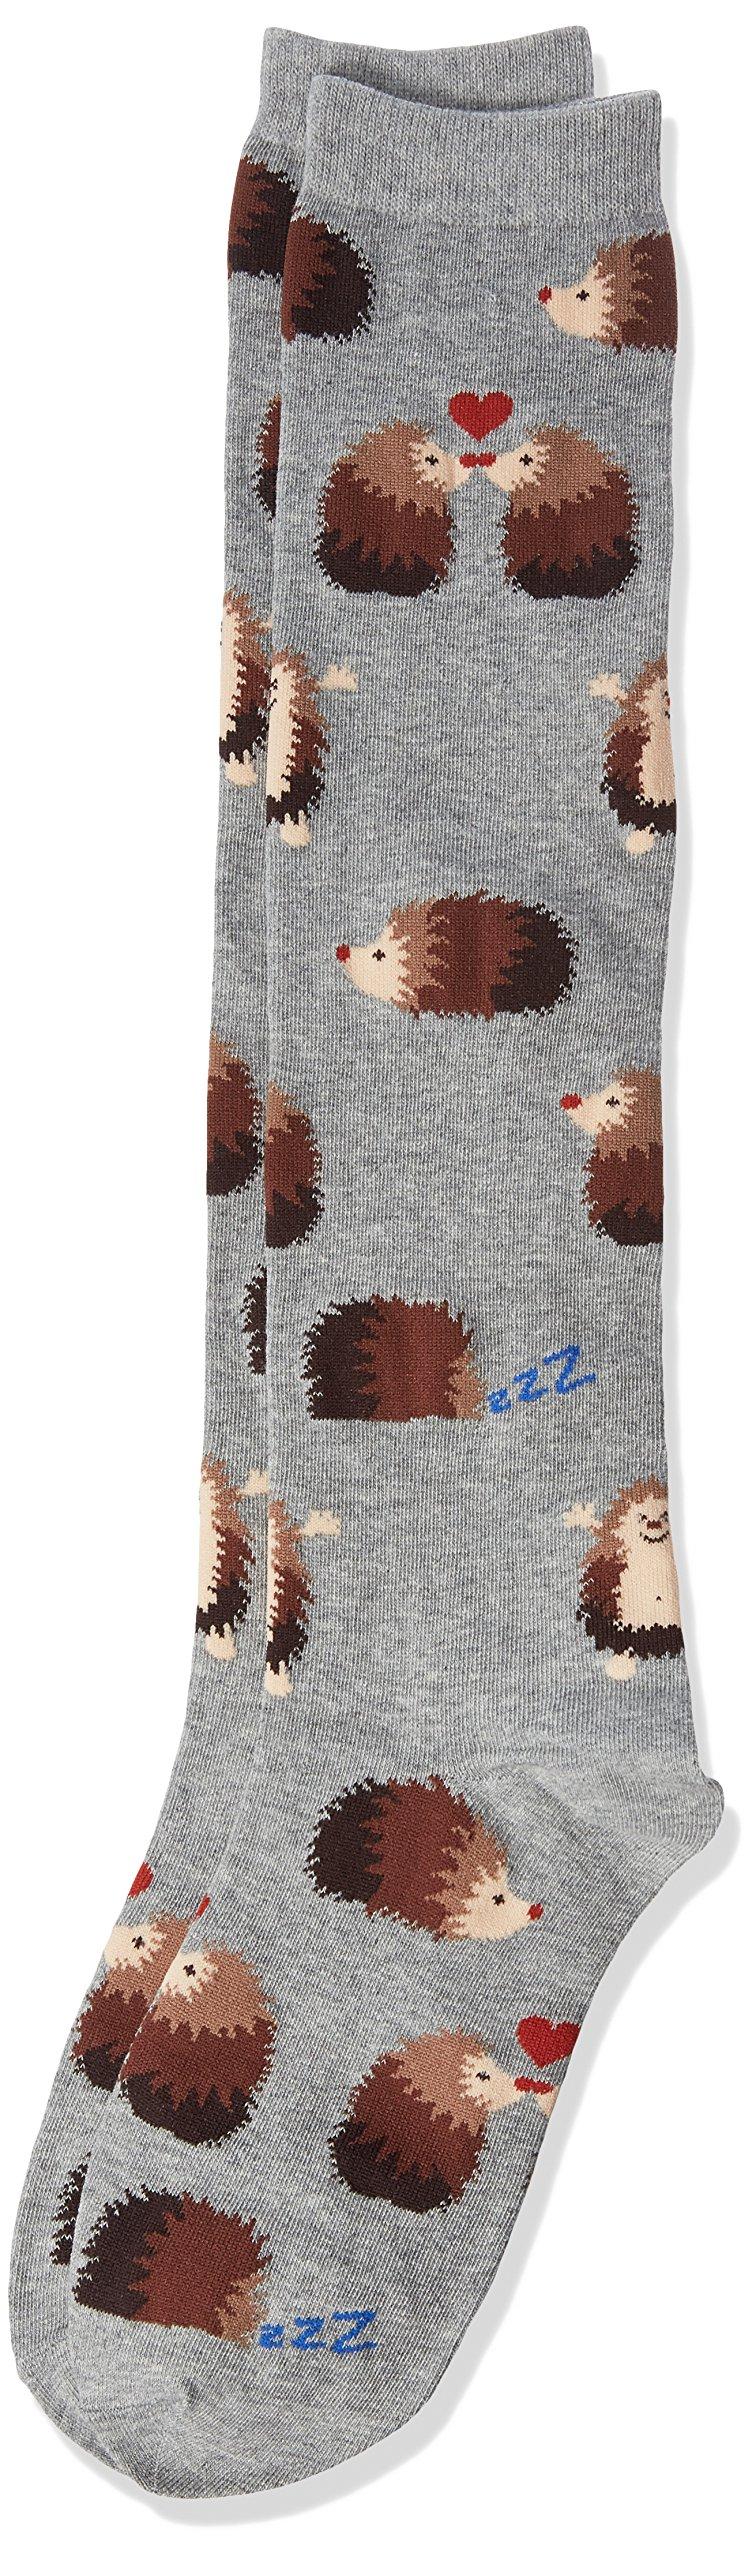 K. Bell Socks Women'S Fun Novelty Design Knee High Socks - K. Bell Women'S Socks And Hoisery